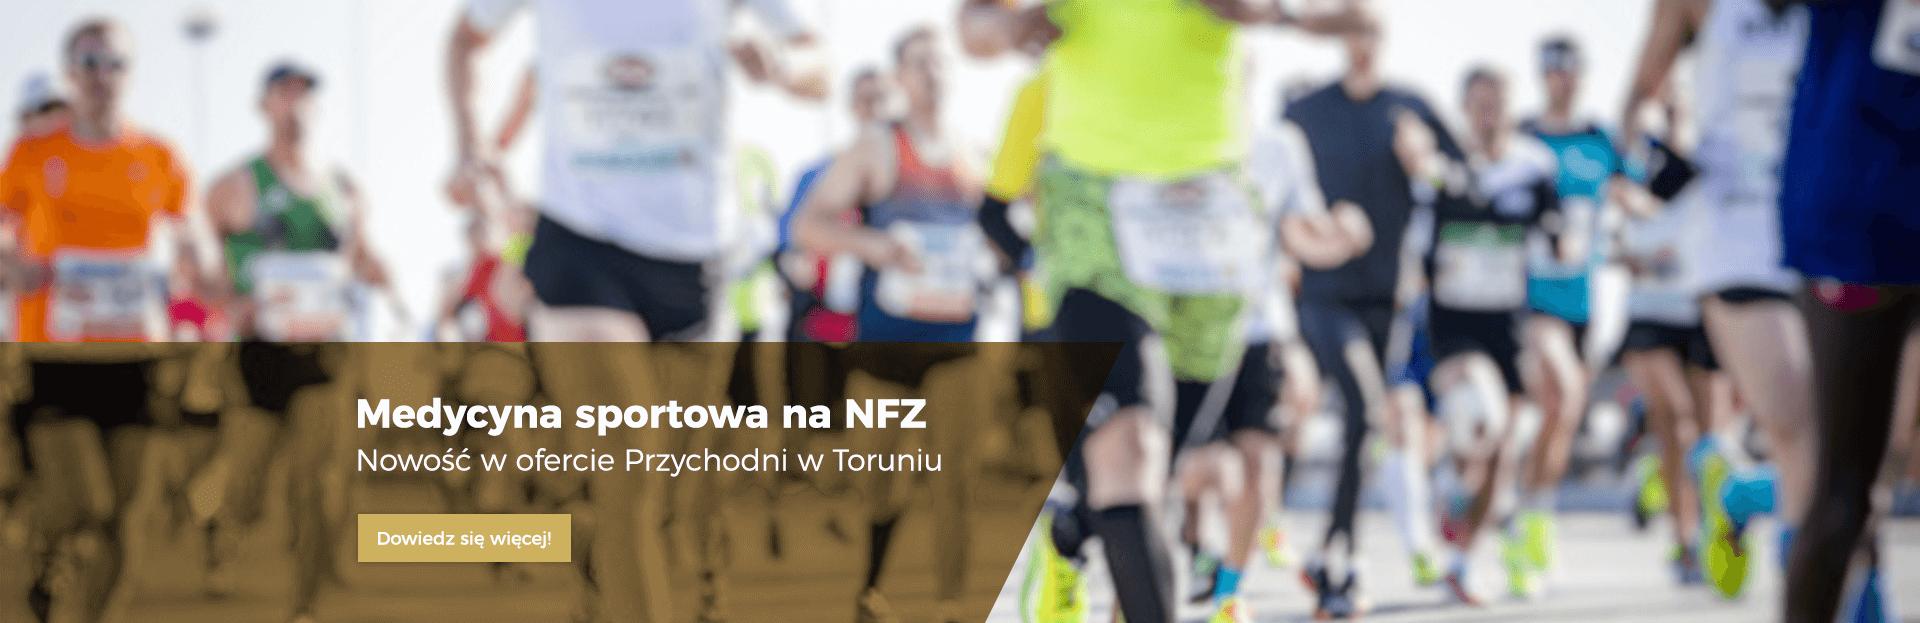 Nasz Lekarz Medycyna sportowa na NFZ slajd (1)